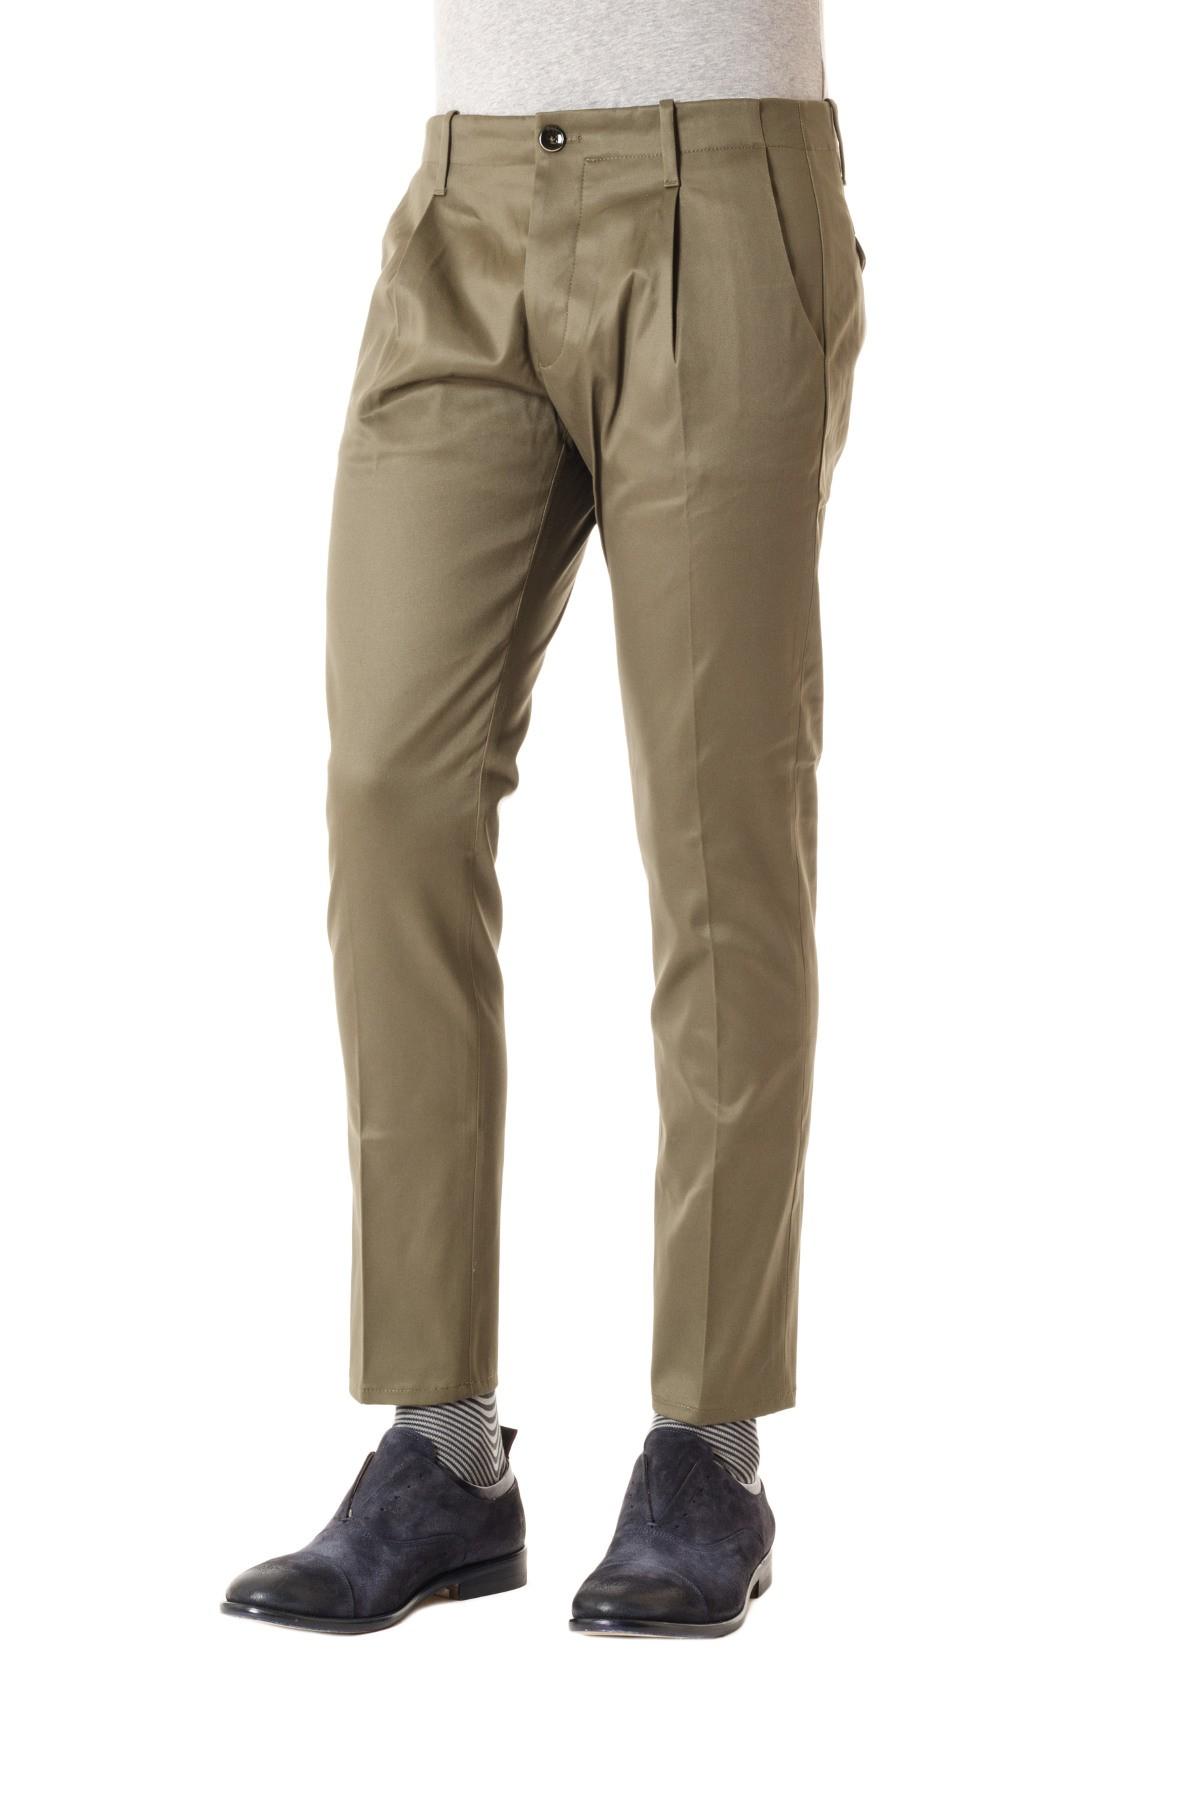 Preferenza NINE IN THE MORNING P/E 16 Pantalone in cotone per uomo colore  YY64